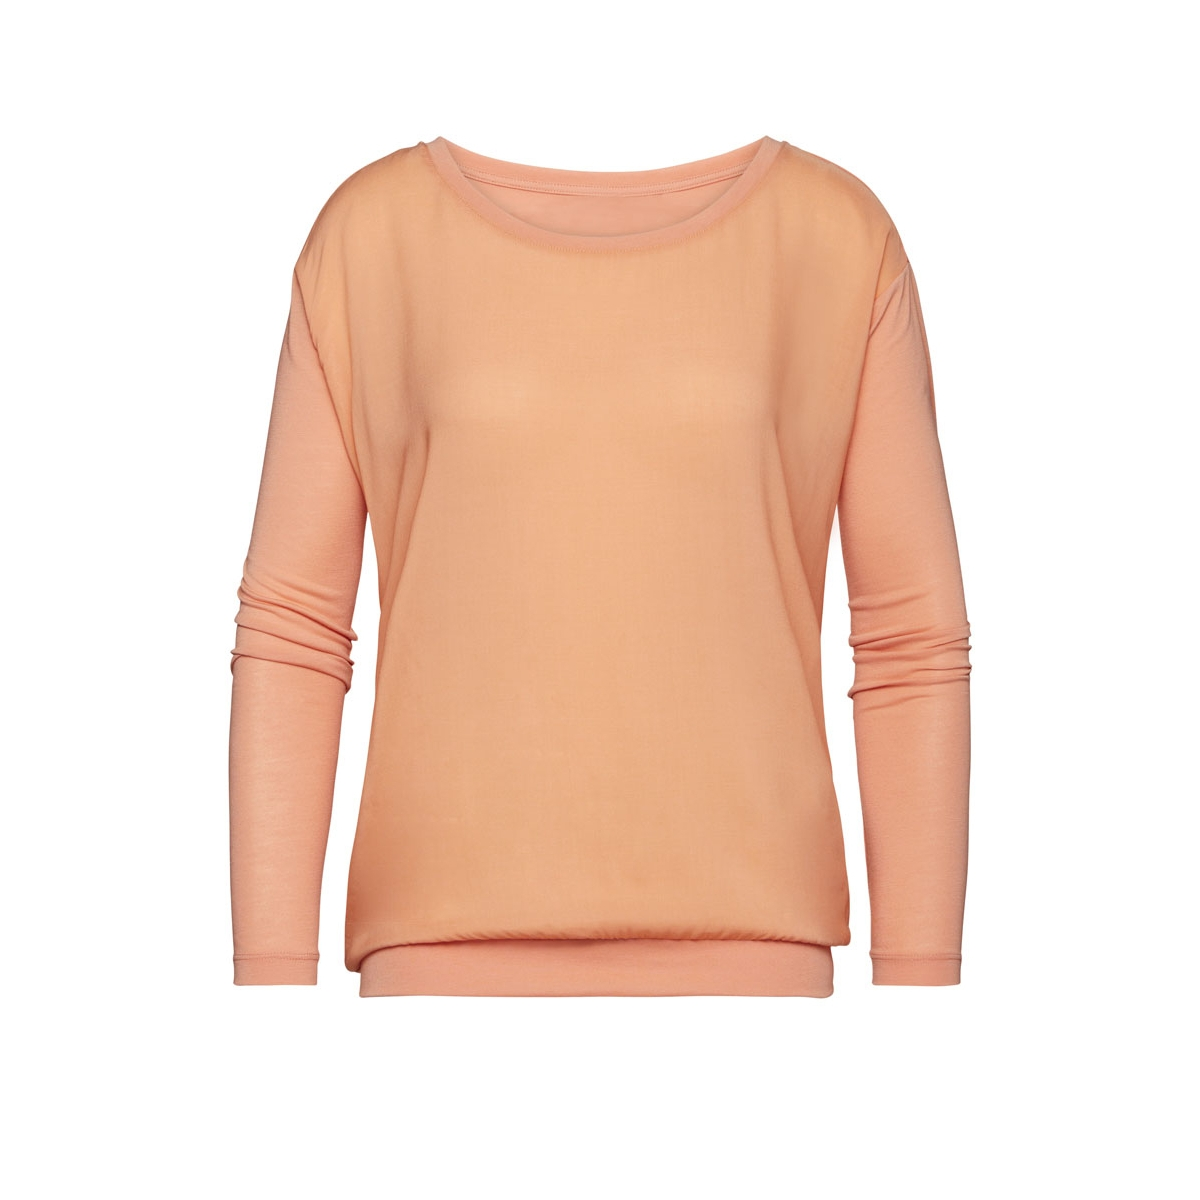 1561611417 sandwich t-shirt 72543